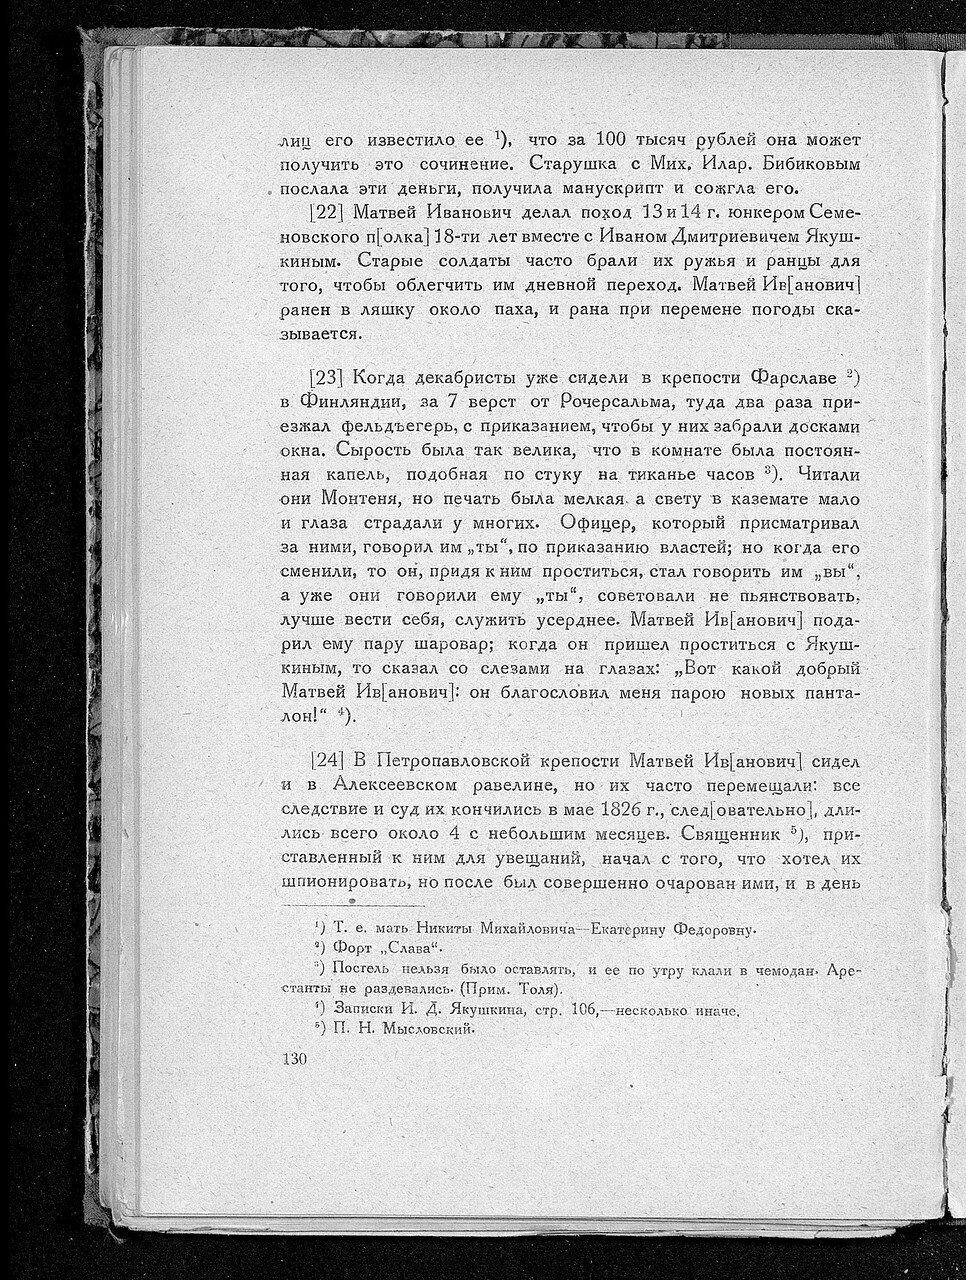 https://img-fotki.yandex.ru/get/3500/199368979.a2/0_21437f_26a94ab6_XXXL.jpg